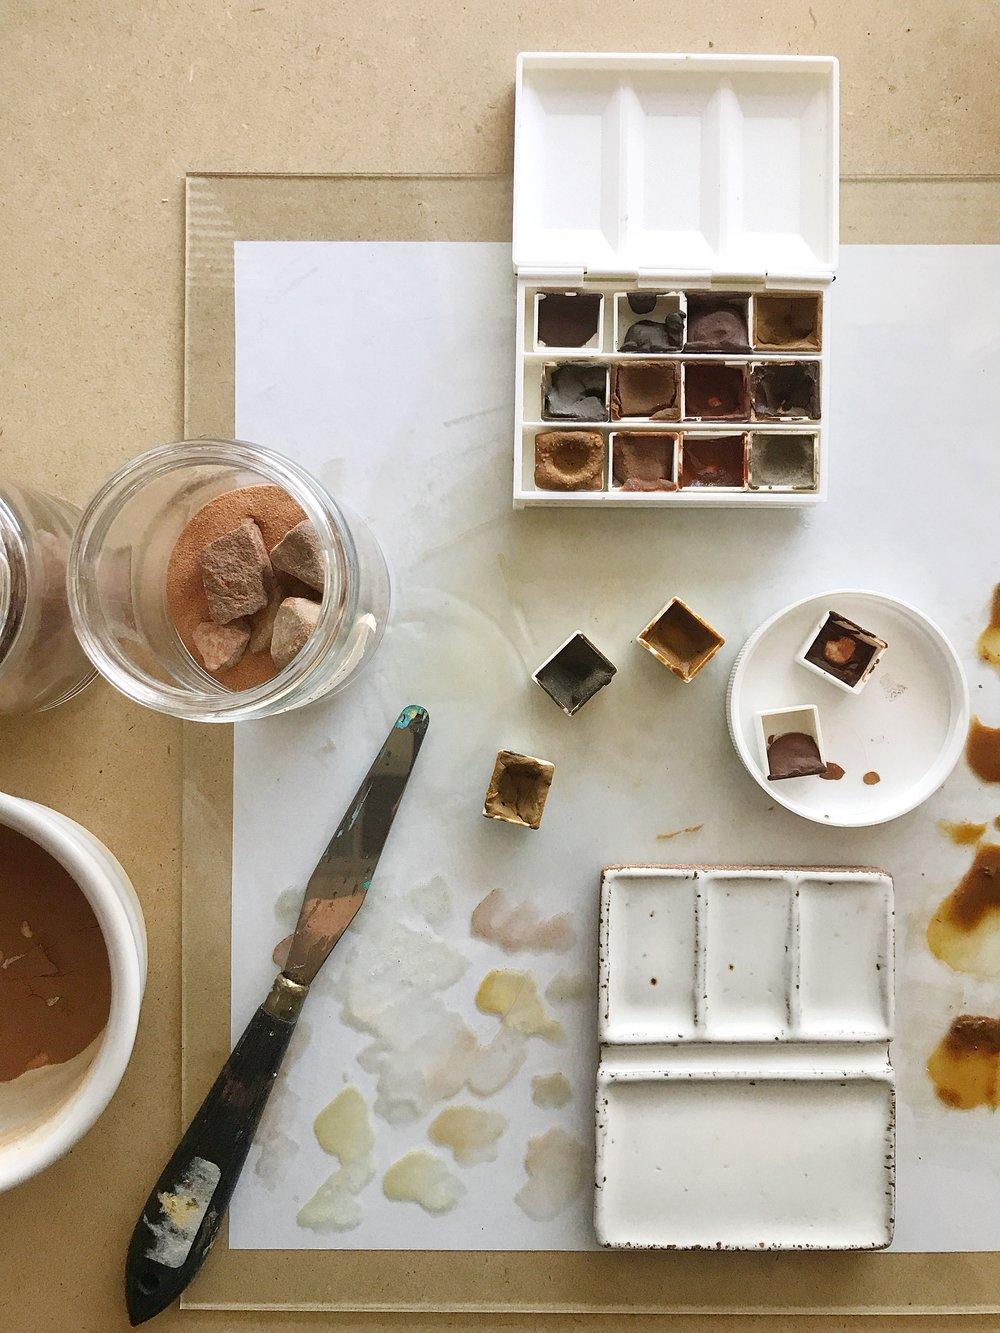 Lauren Sauder creating handmade pigments